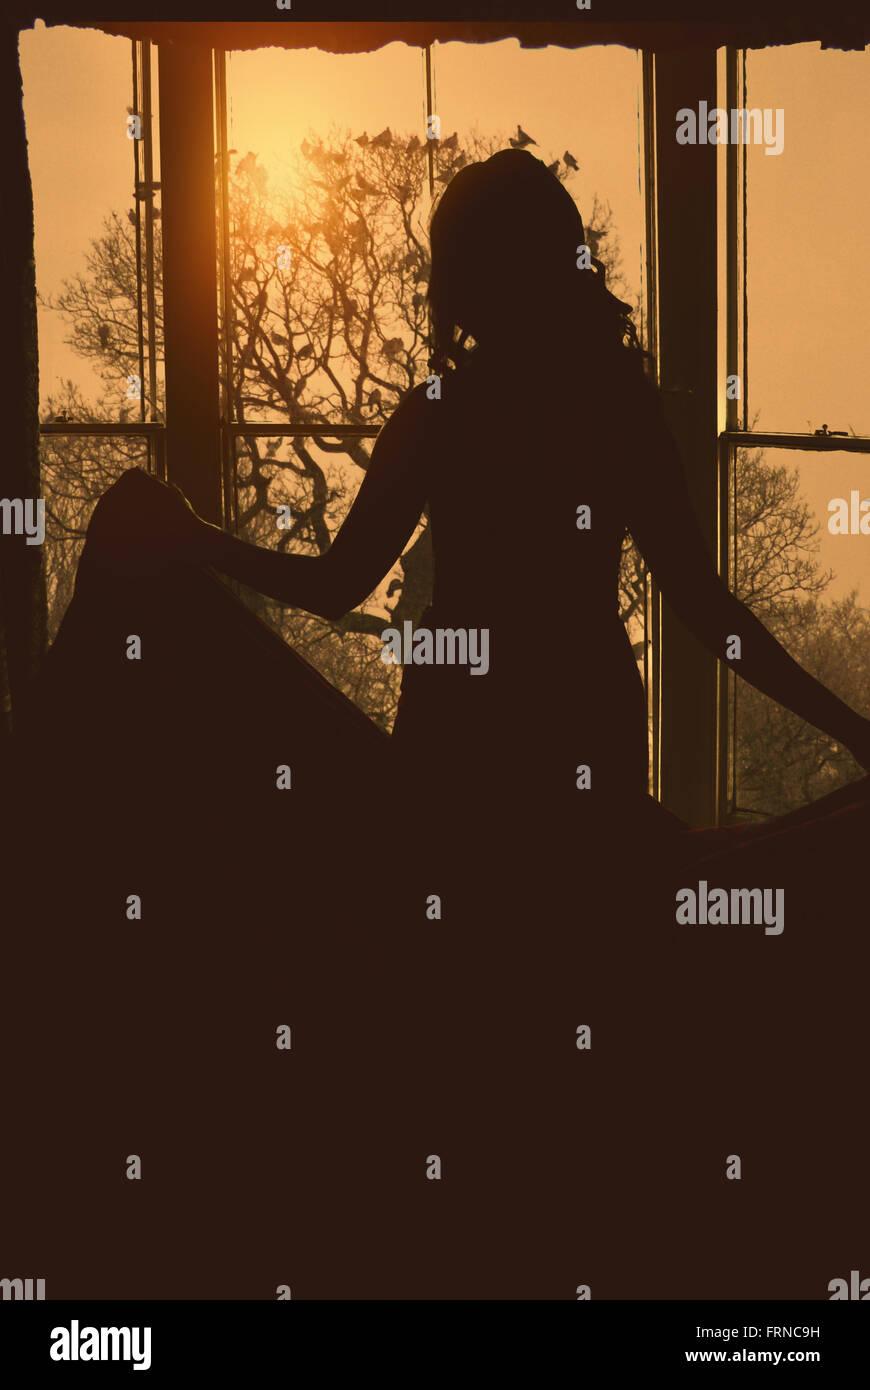 Silueta de la espalda de la joven mujer sosteniendo su vestido de pie junto a la ventana grande Imagen De Stock